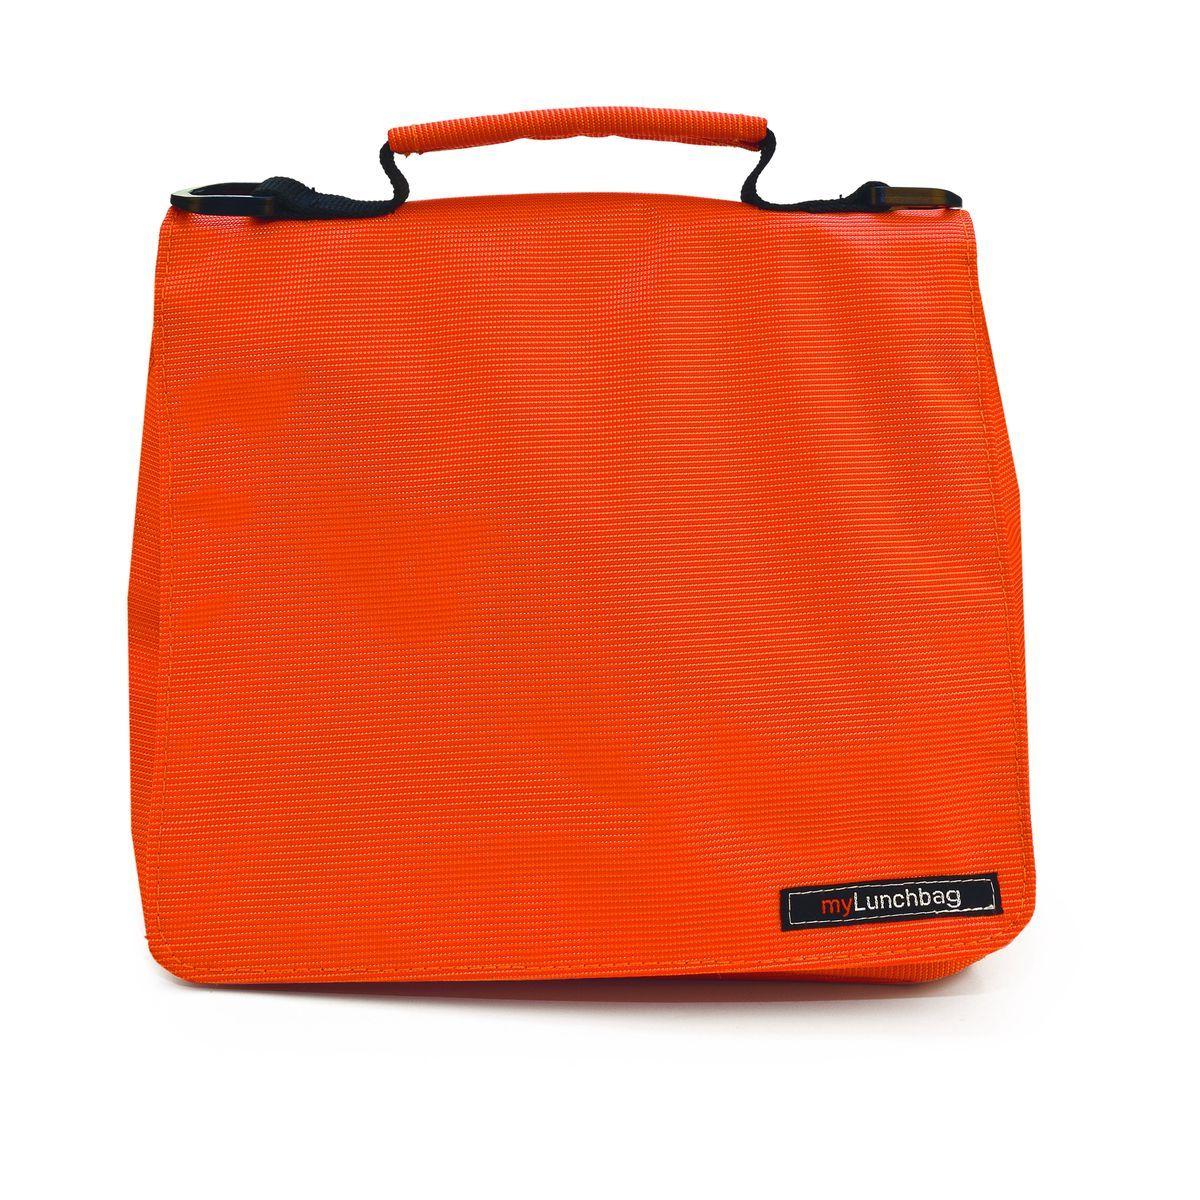 Термо ланч-бокс Iris SMART MyLunchbag, цвет: оранжевыйVT-1520(SR)ТермоЛанчбокс SMART MyLunchbag?.?Отлично сохраняет свежесть и вкус продукта на несколько часов. Пригодится везде: на прогулке, на работе, учебе и т.д. С ним легко справится даже ребенок! Легко складывается до небольших размеров. Присутствует удобный кармашек для аксессуаров и регулируемый ремень для переноски (в одной руке или на плече).Рекомендуется регулярно стирать вручную в теплой воде с мылом.Сделан из полиэстера